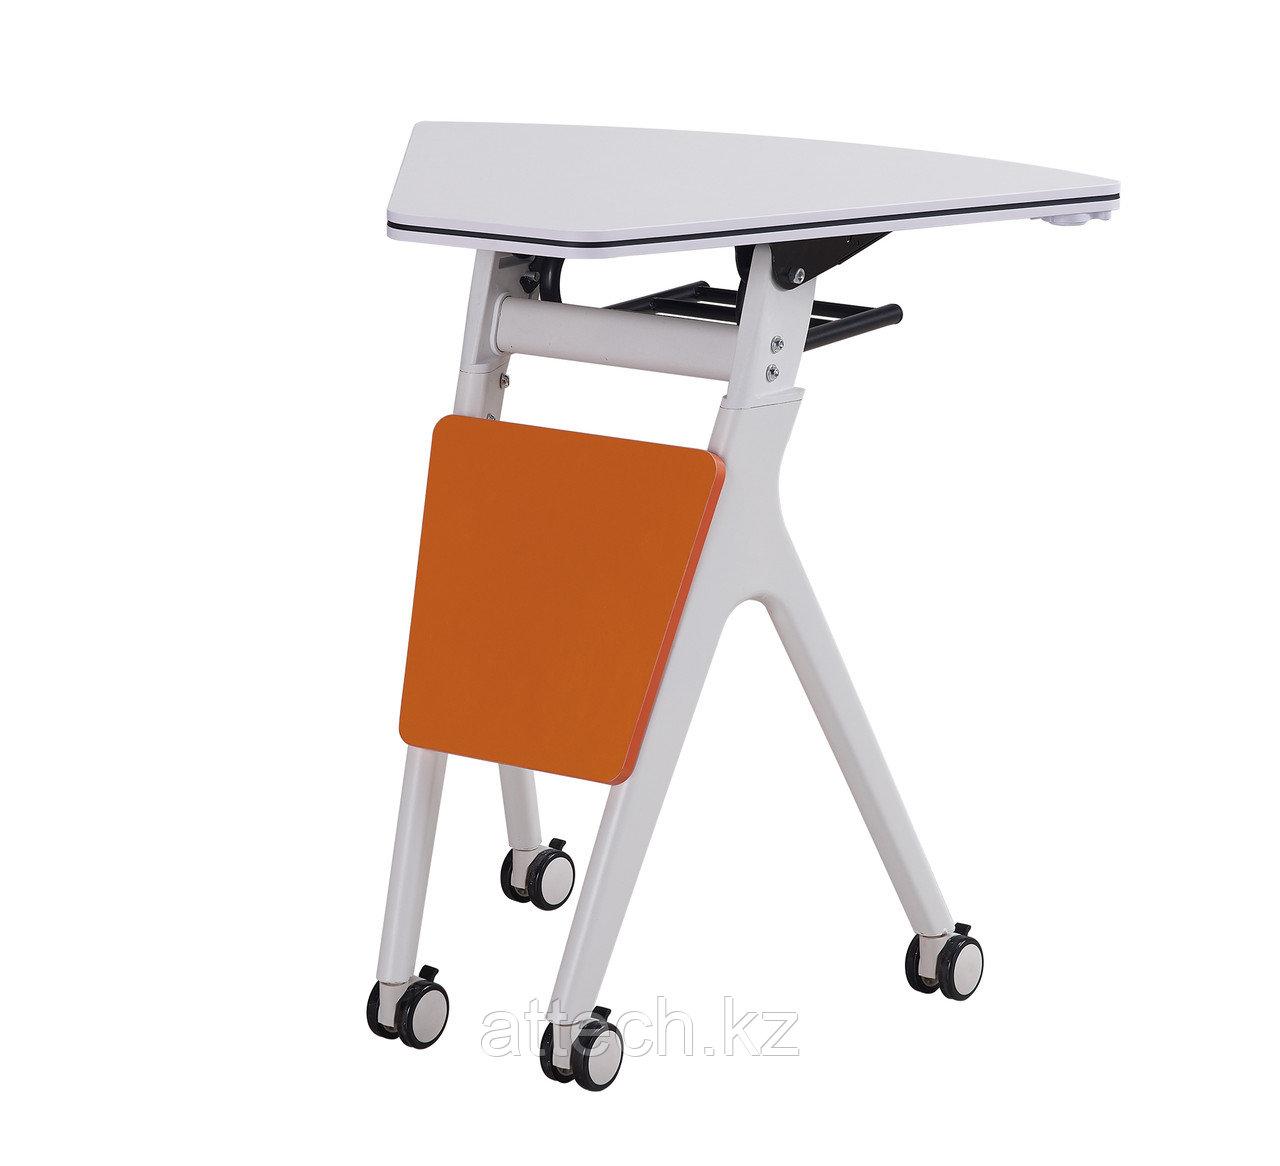 Складной столик в форме трапеции